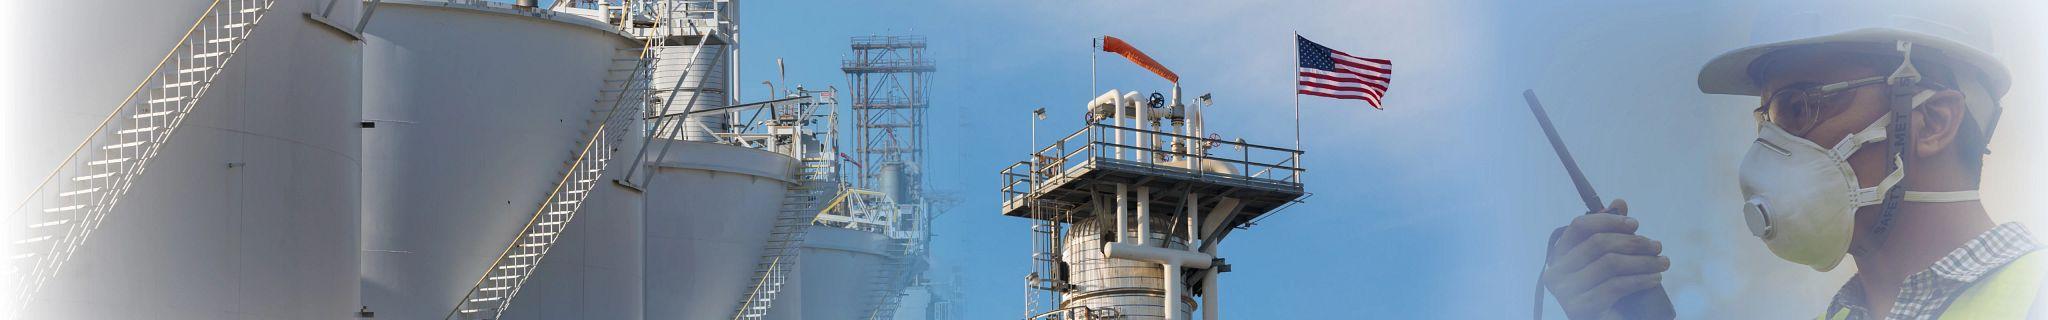 RefineryWorkers.jpg